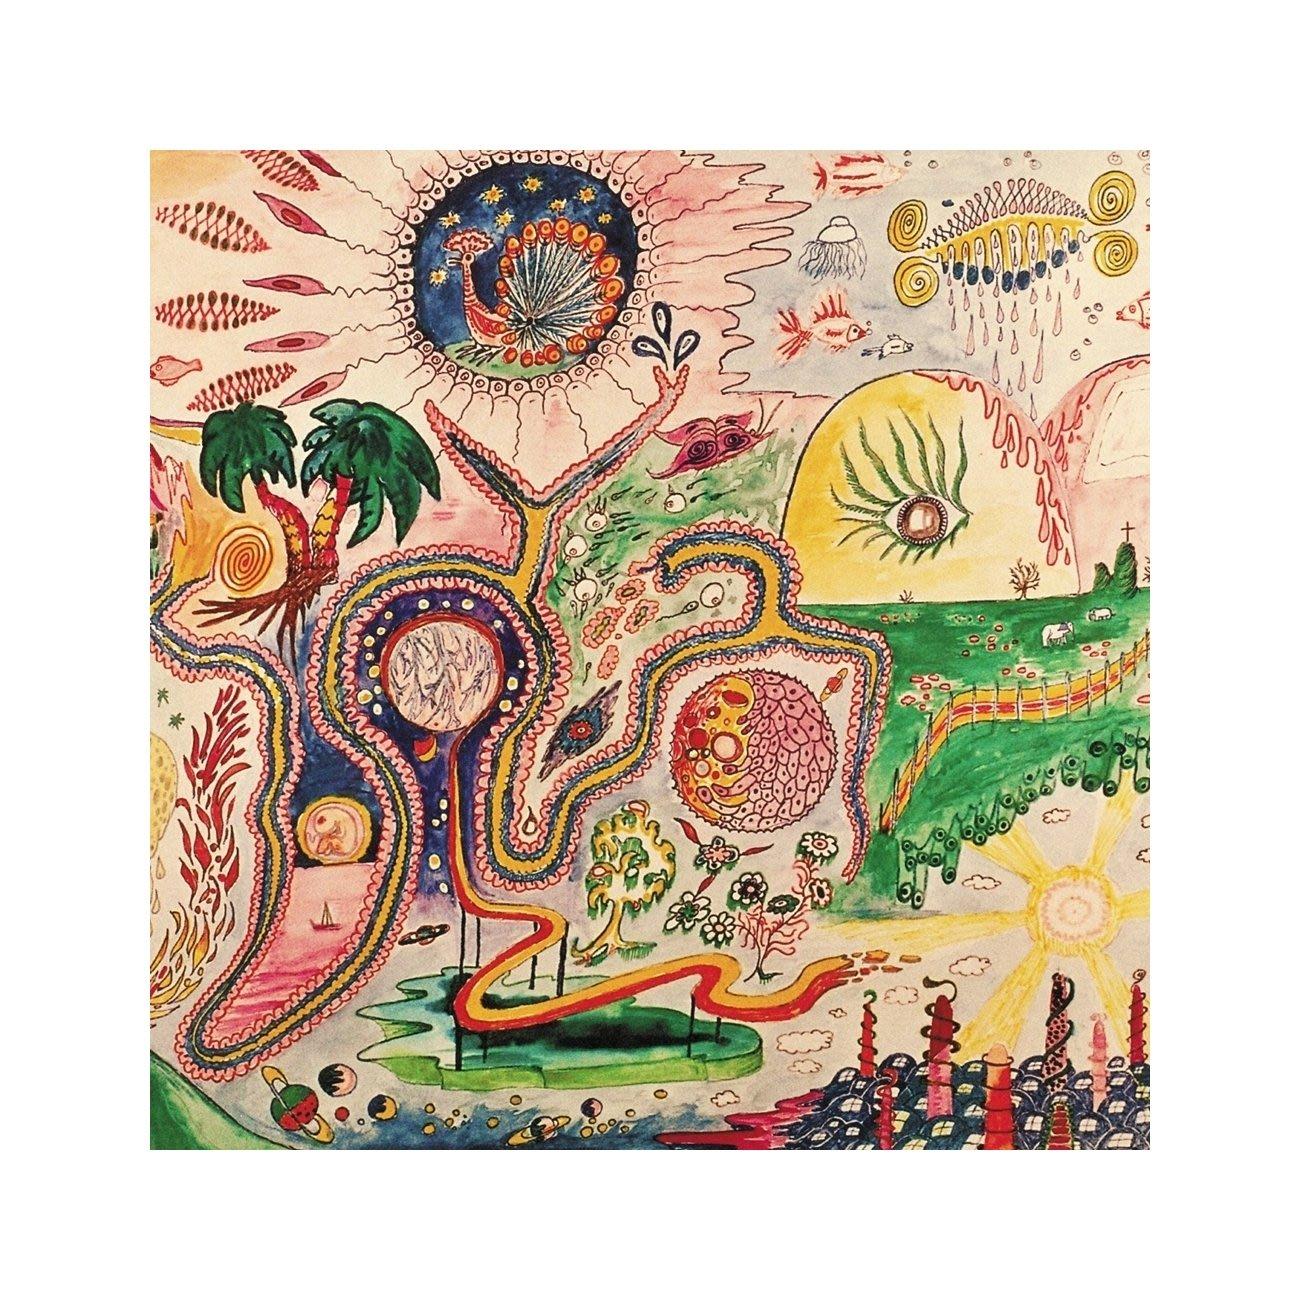 現貨 專輯 全新未拆 Youth Lagoon 青春礁湖 Wondrous Bughouse 驚奇療養院 CD 夢幻搖滾